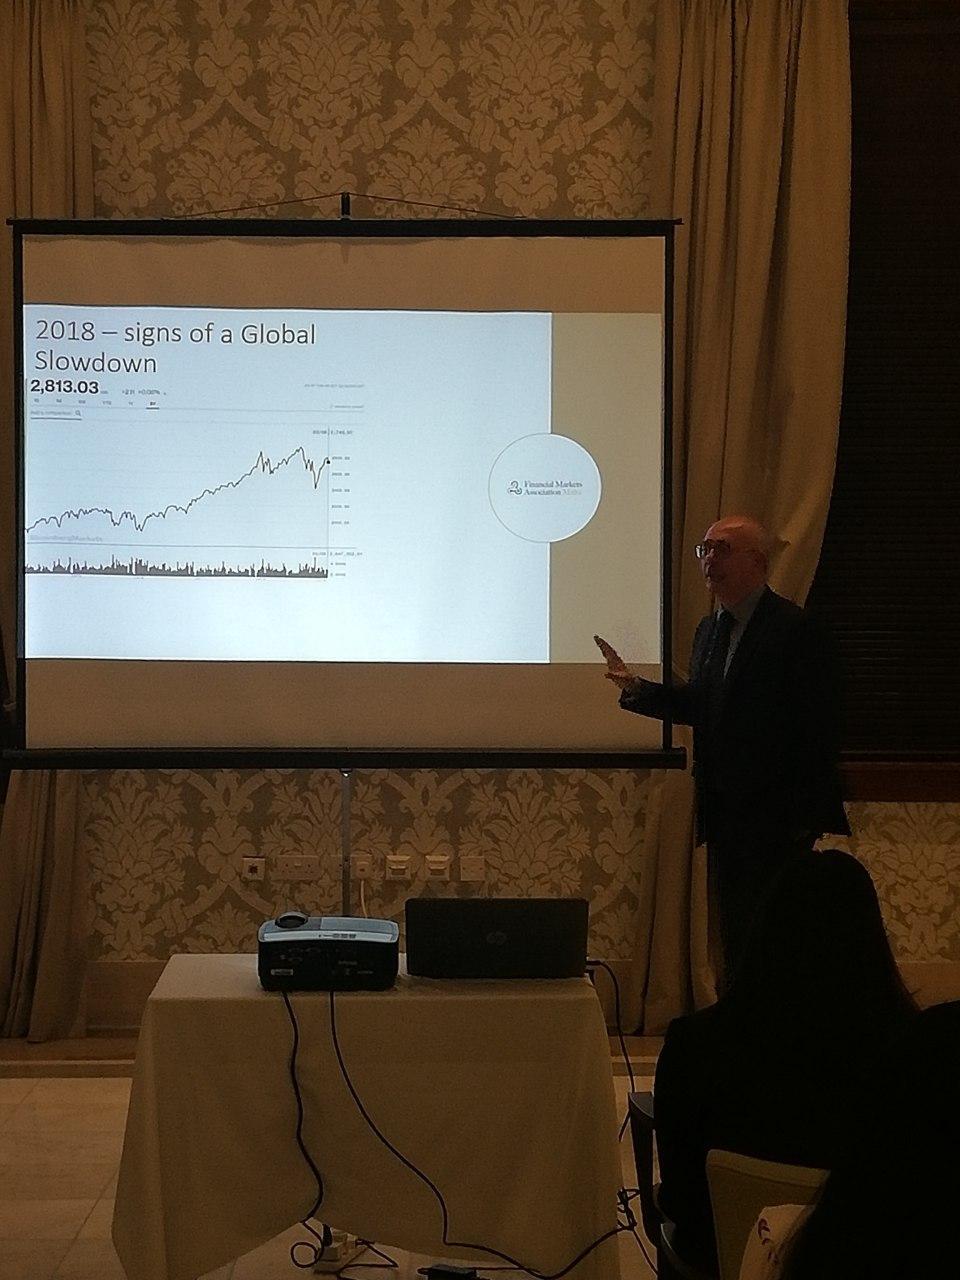 Член Комитета рассмотрения споров Финансовой Комиссии Роберто д'Амброзио принял участие в ежегодном собрании Ассоциации Финансовых Рынков Мальты